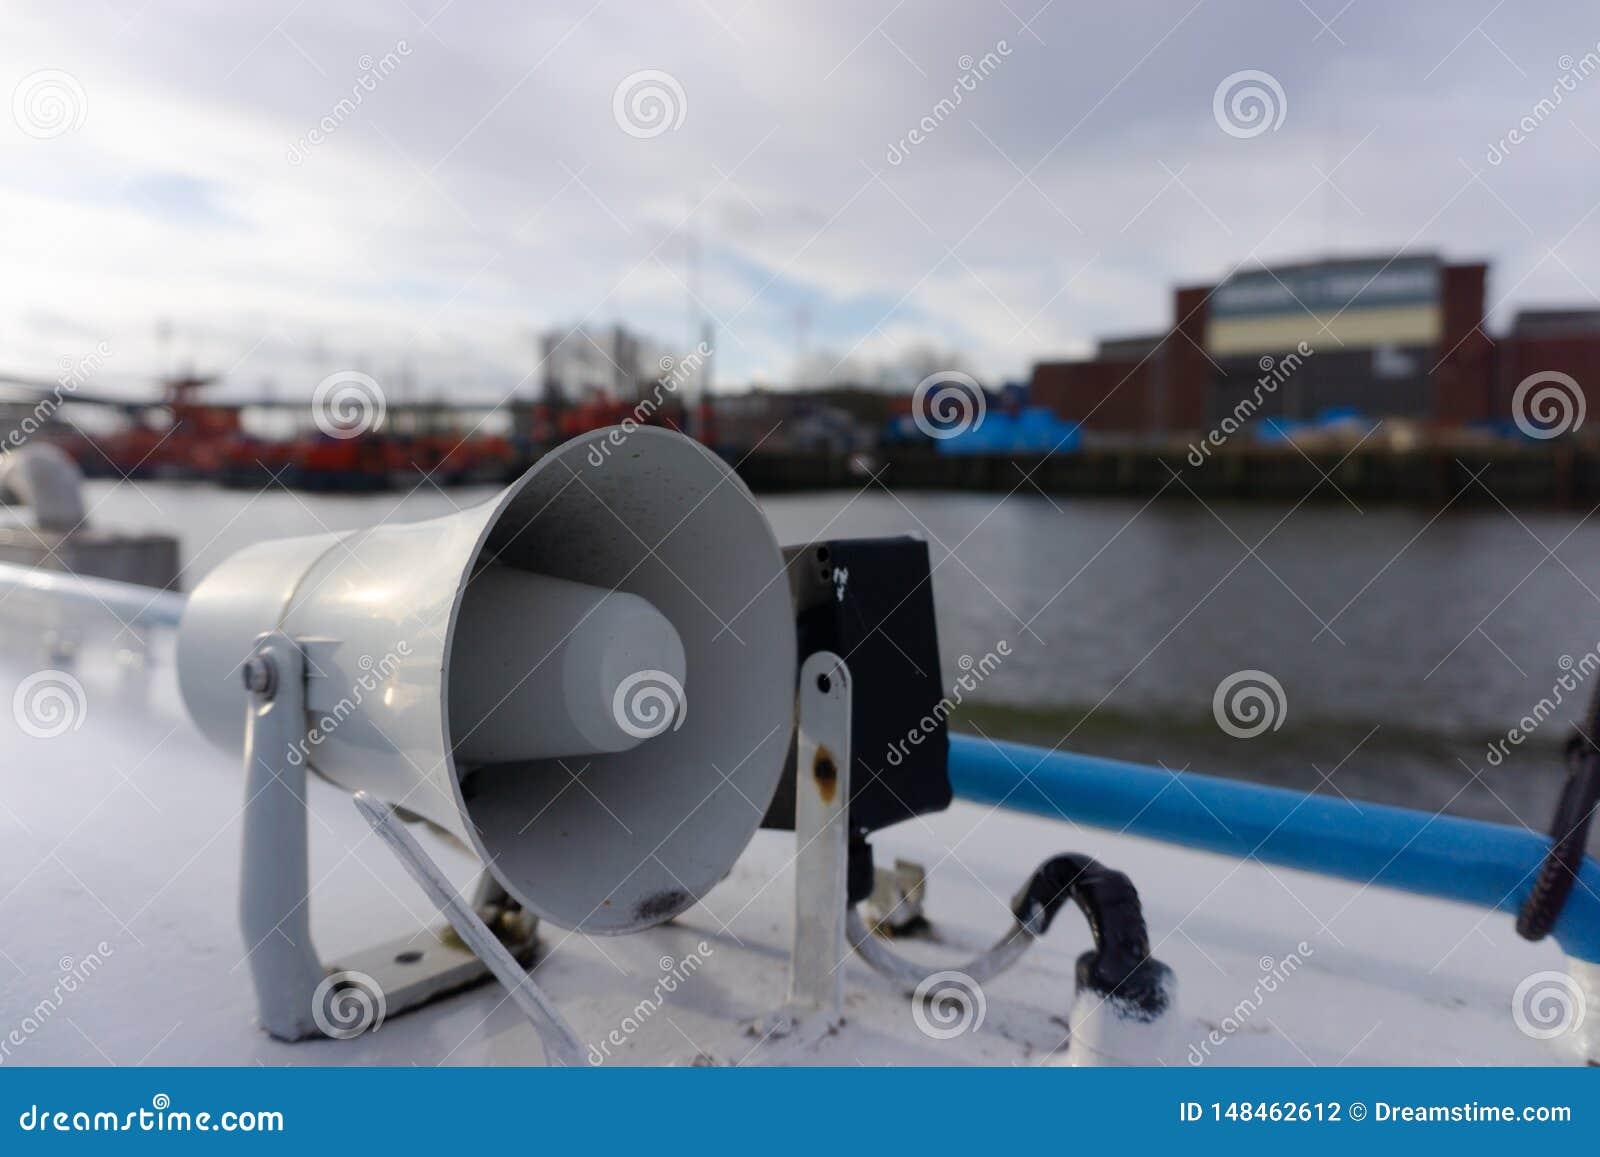 Mégaphone sur un bateau dans un port